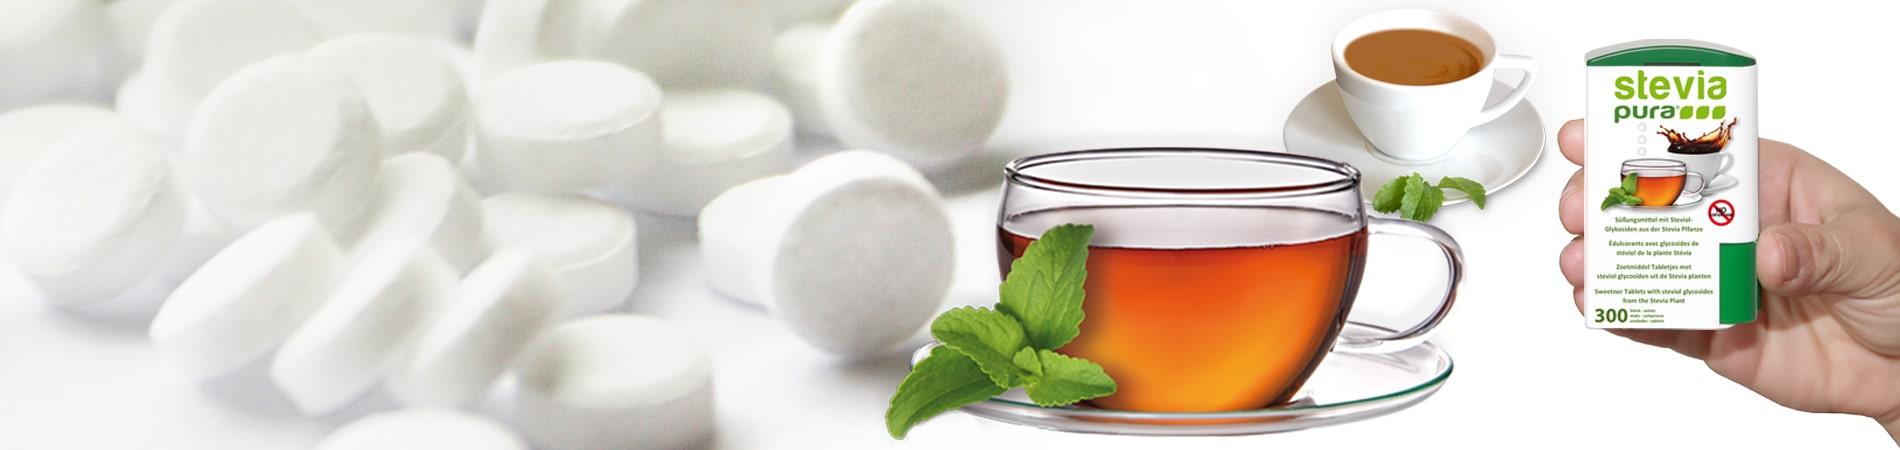 Stevia Tabletten sind ideal zum Süßen Ihrer heißen Getränke geeignet